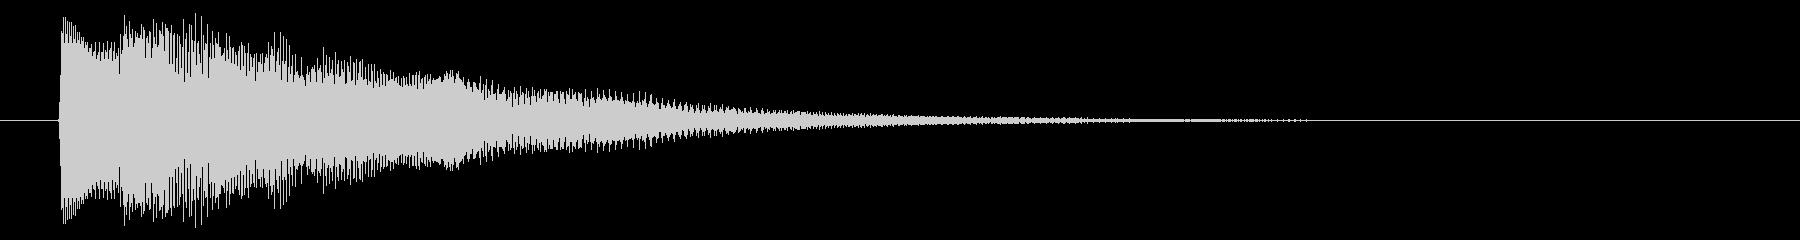 ニュース テロップ02-2の未再生の波形